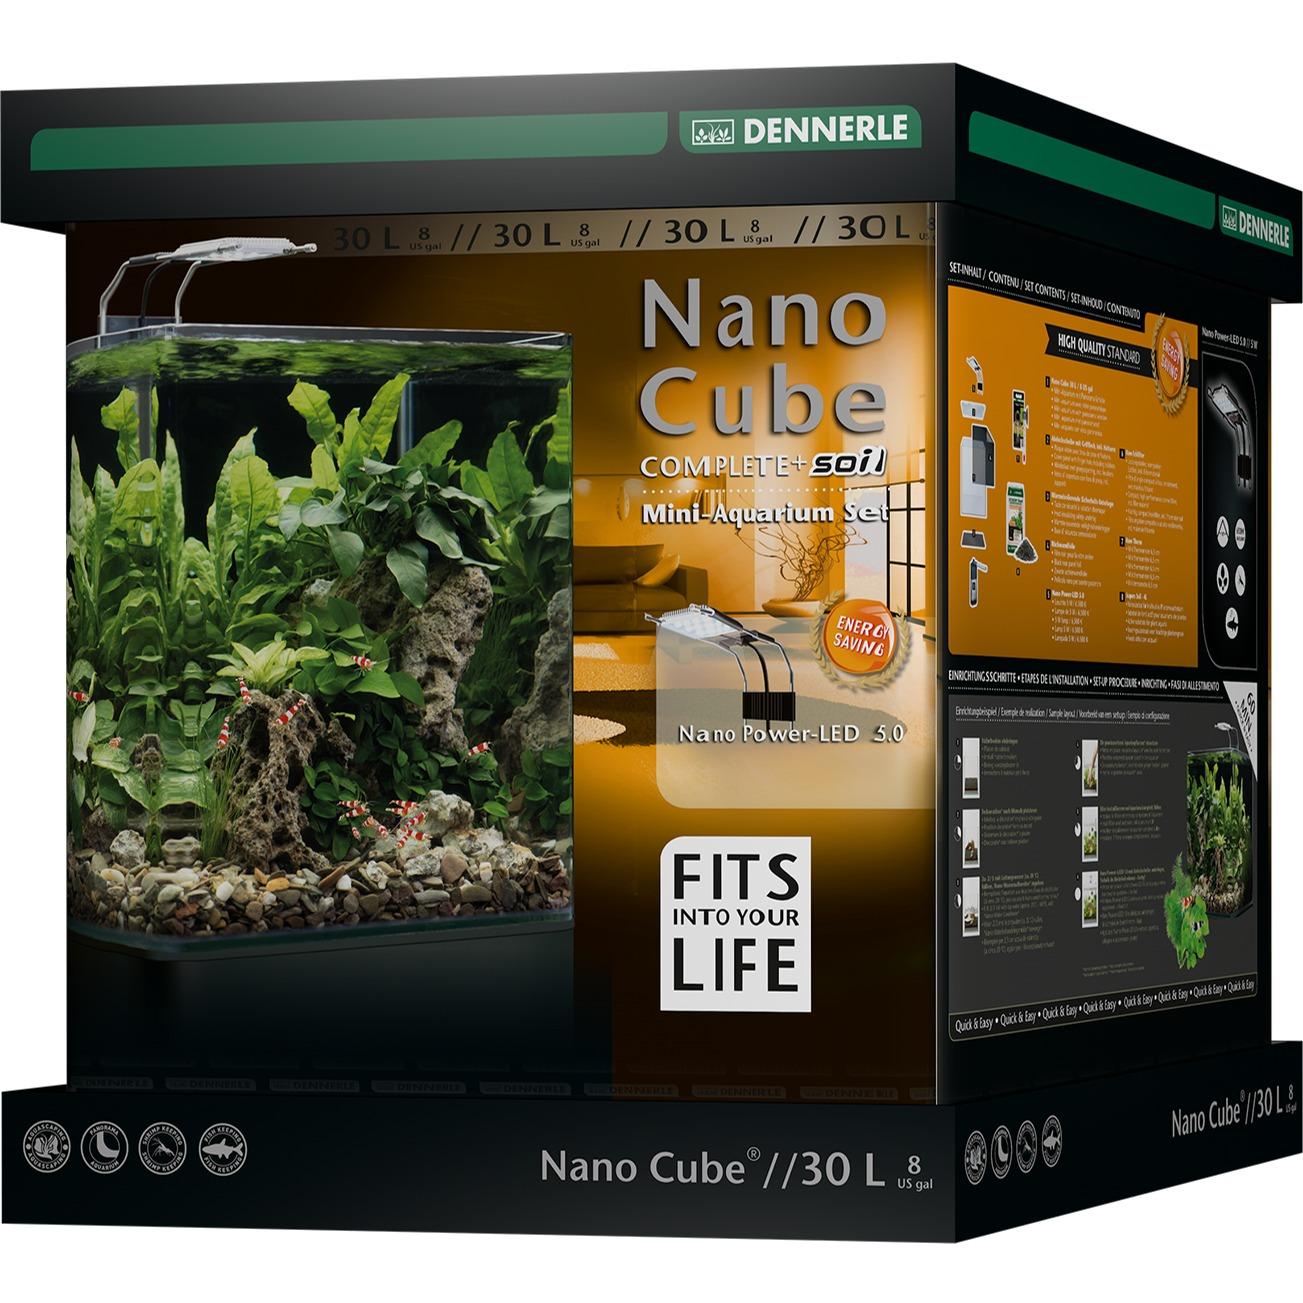 DENNERLE Nano Cube Complete+ 30 L nano-aquarium 30 x 30 x 35 cm avec substrat, gravier, filtration et éclairage Power LED 5.0